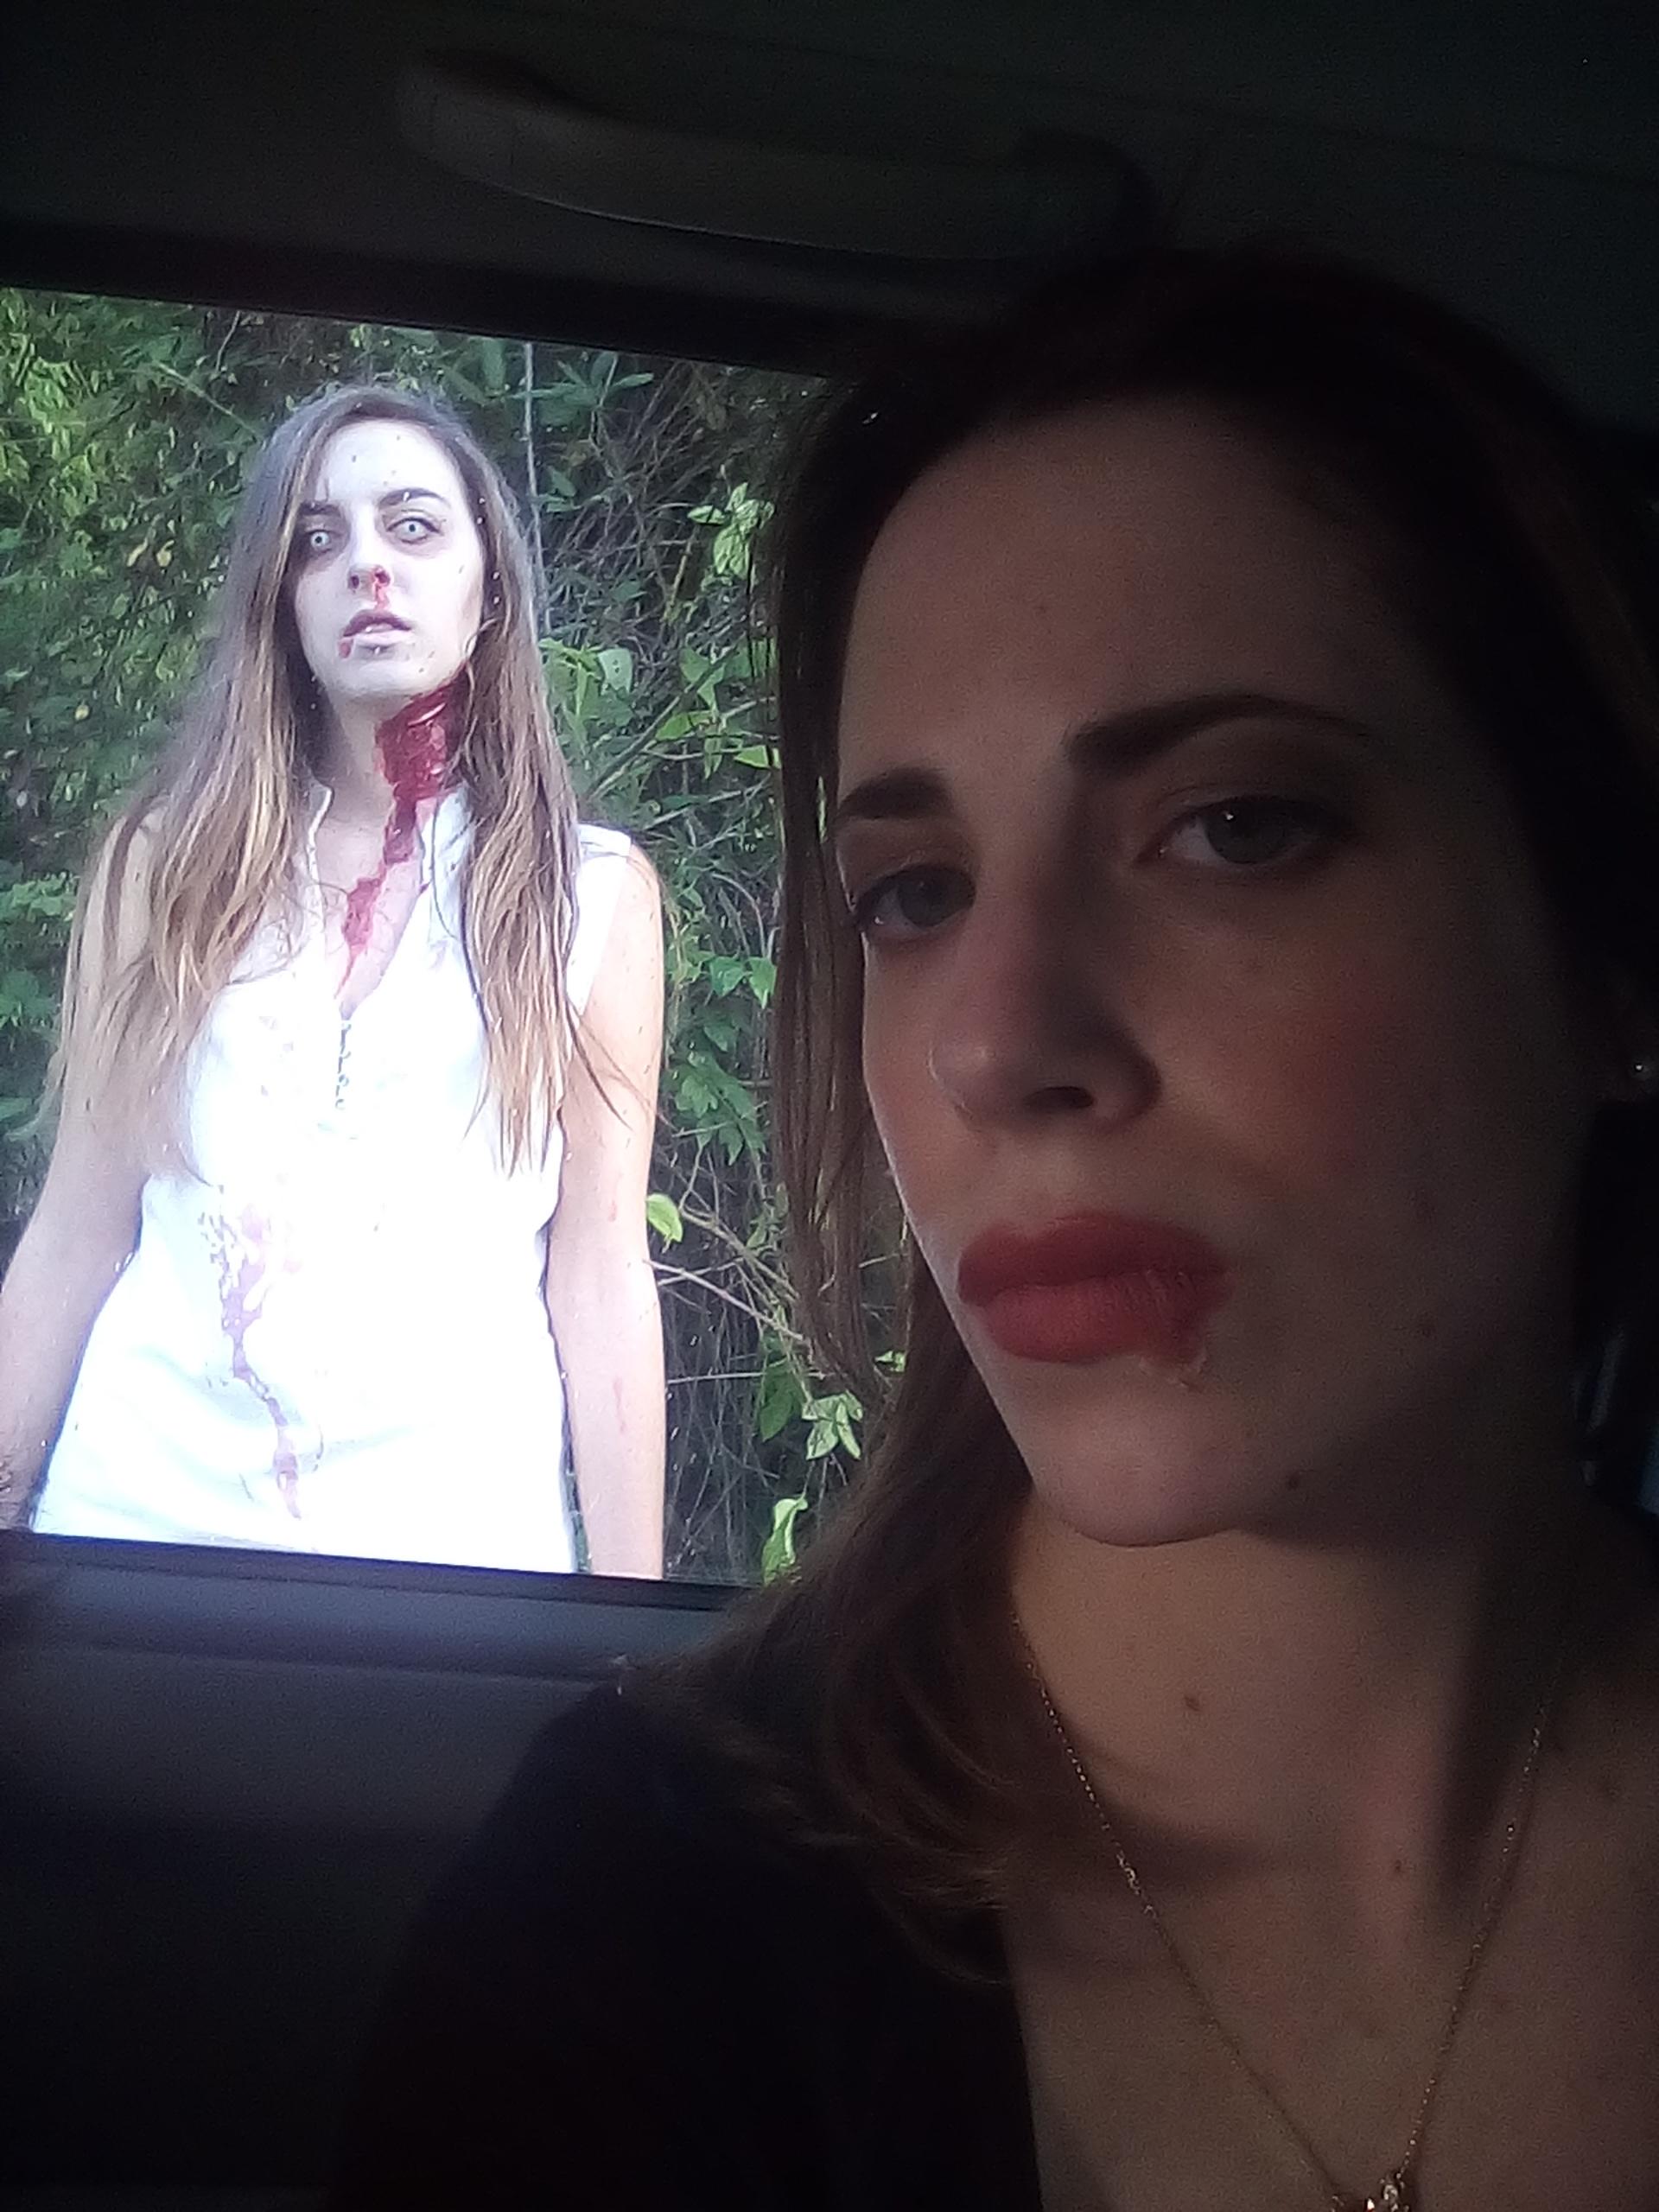 Evil Selfie set